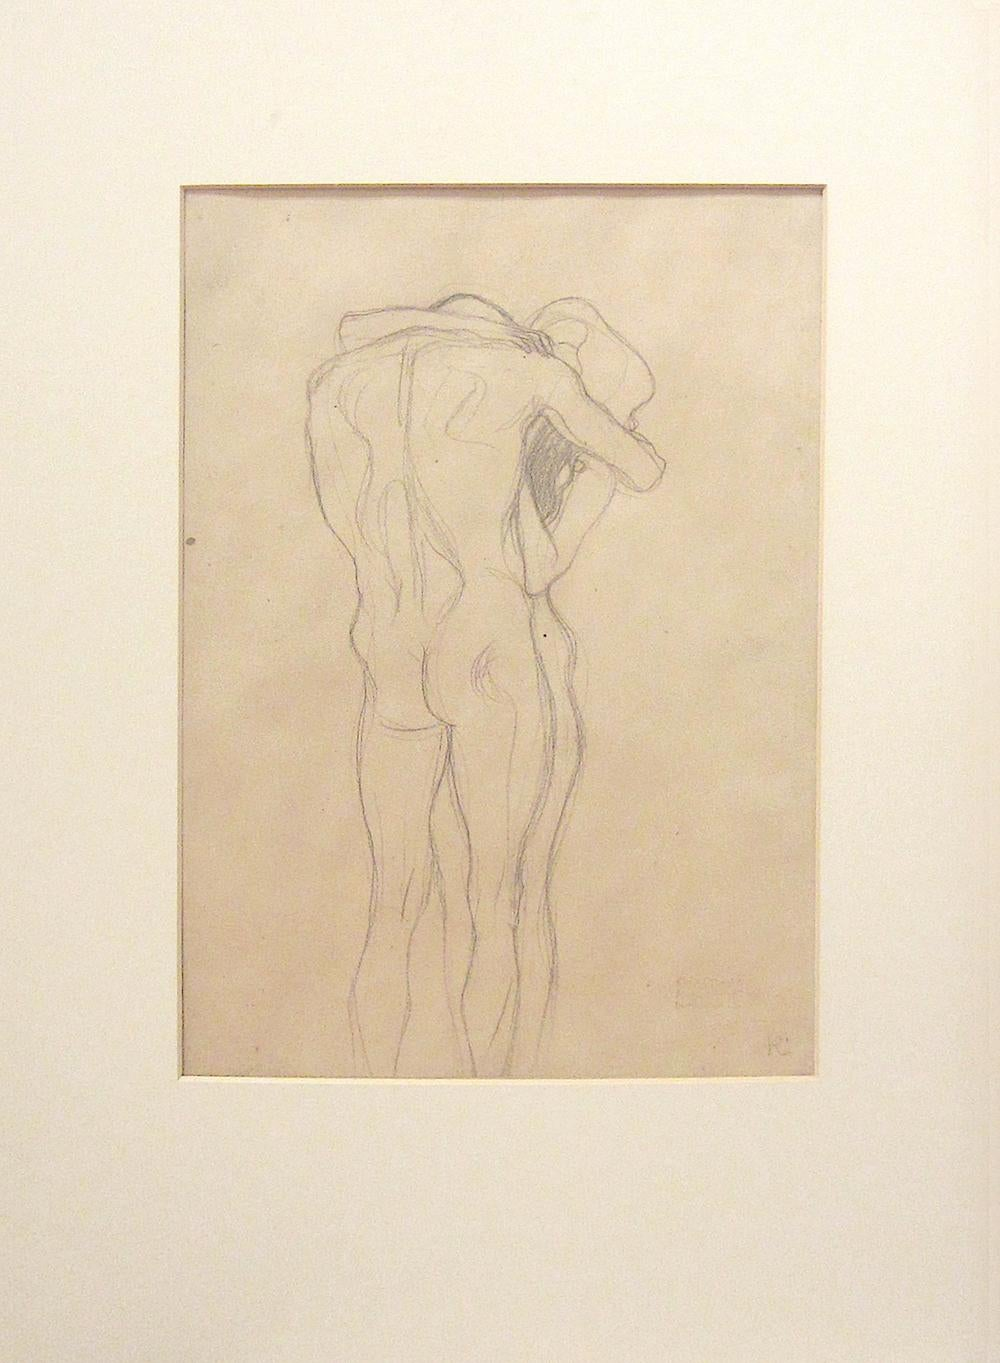 Untitled I.V, Gustav Klimt